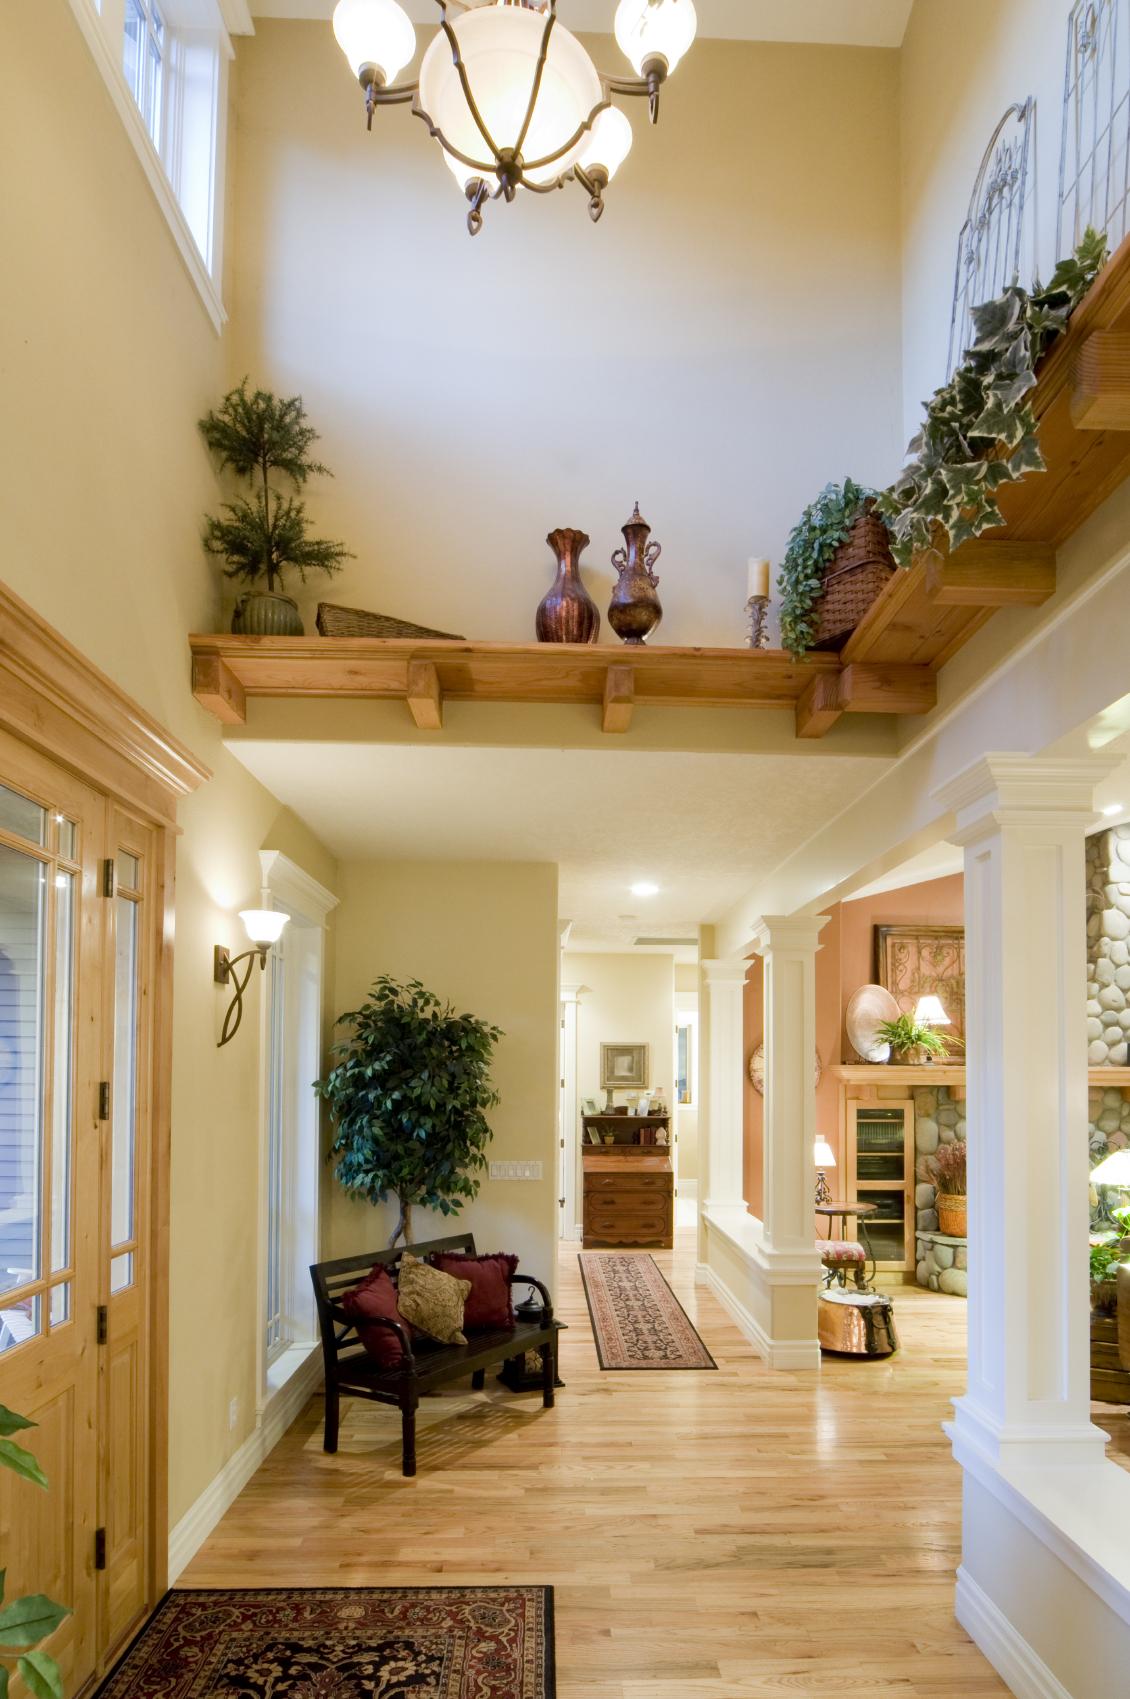 Один из вариантов дизайна помещения с высокими потолками